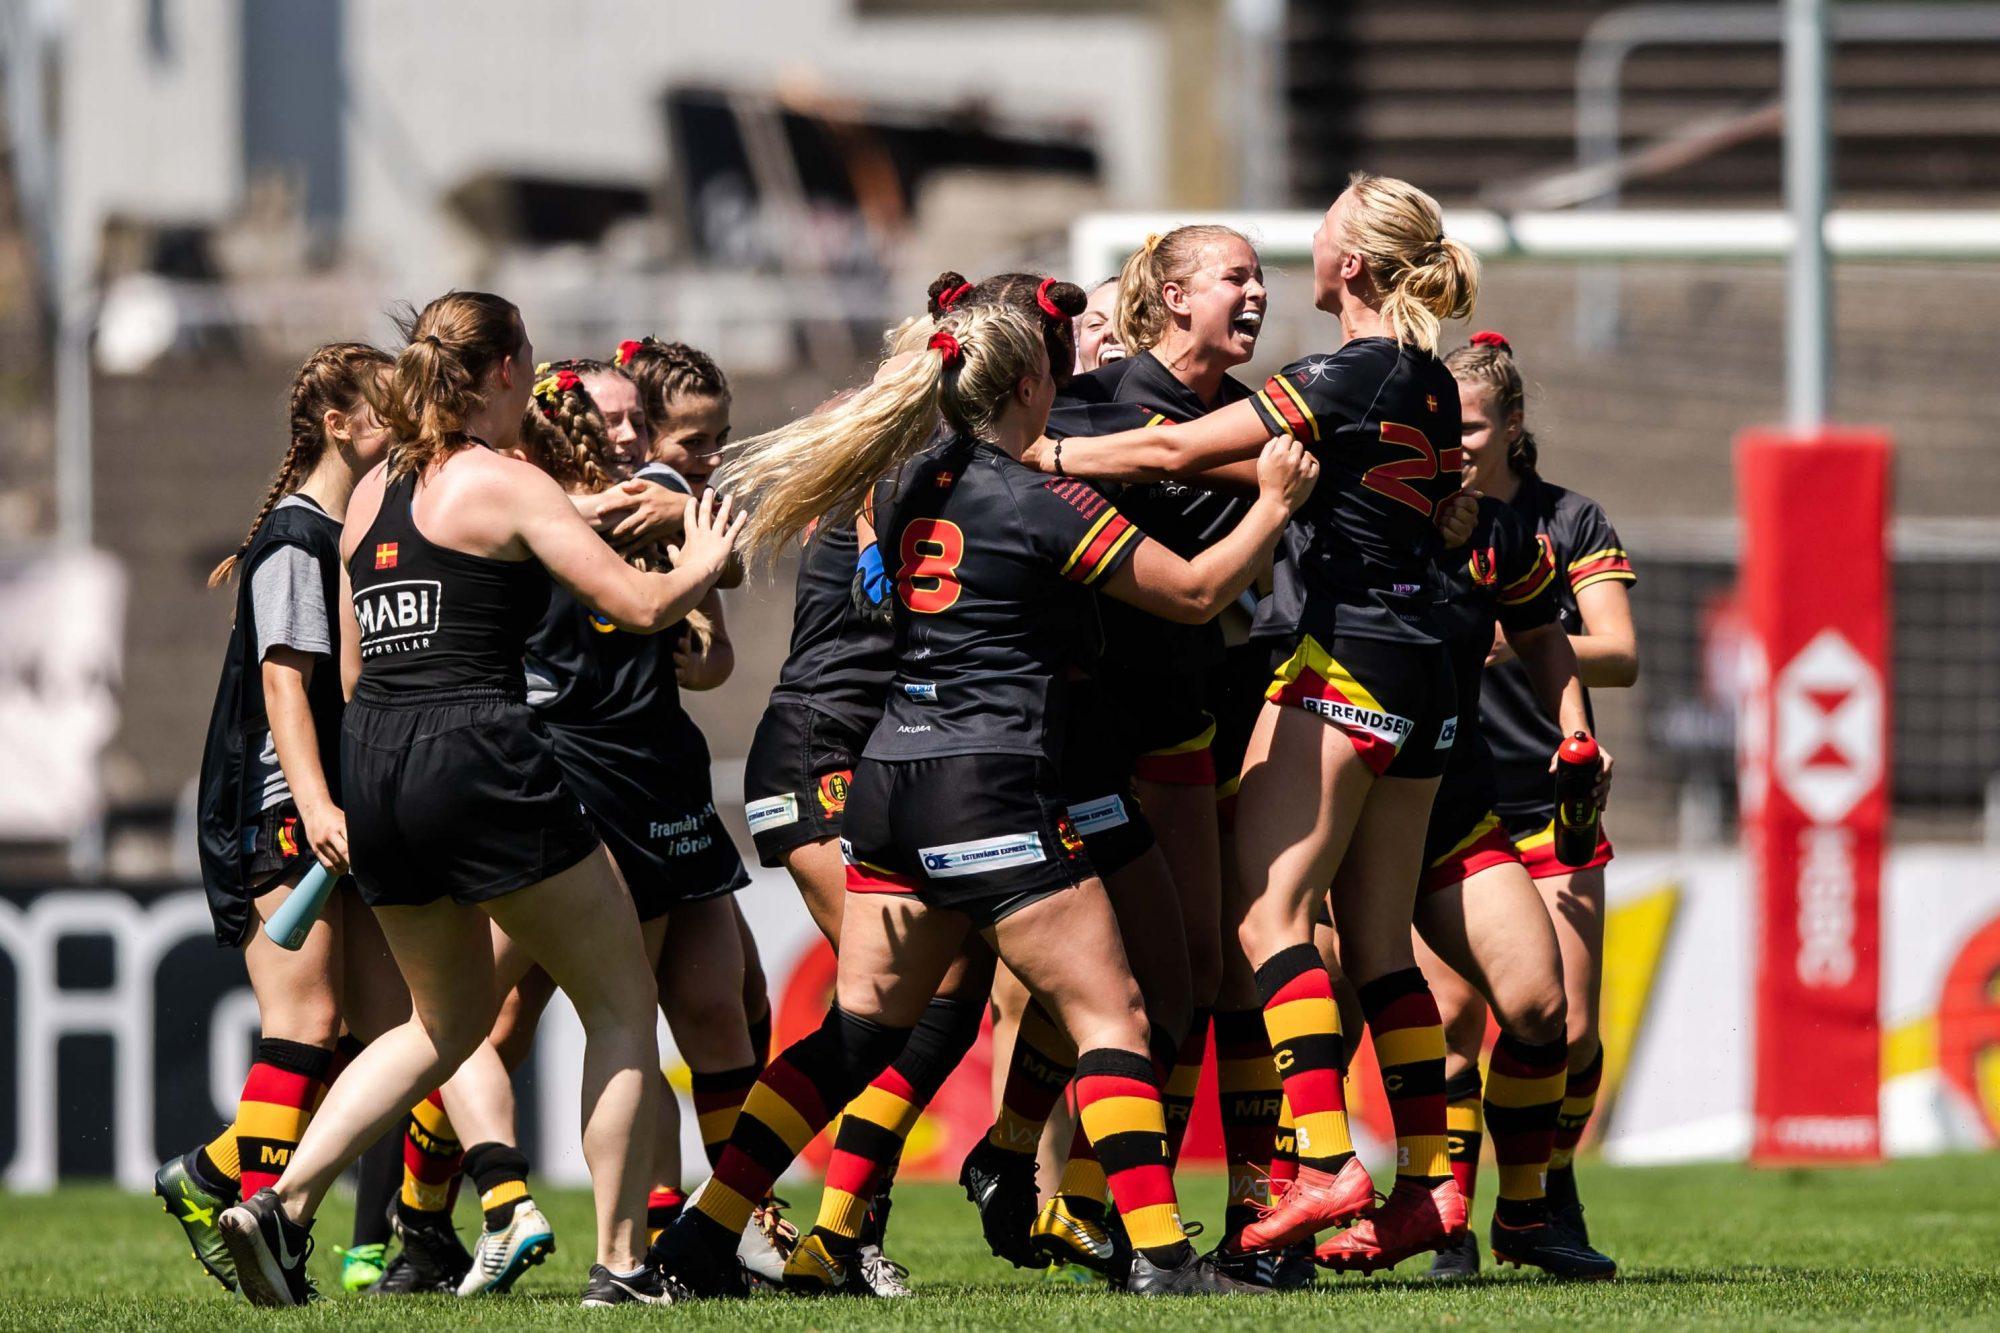 Malmö RCs spelare jublar efter rugbymatchen mellan Malmö RC och Exile Ladies under dag 5 av SM-veckan den 30 juni 2019 i Malmö.